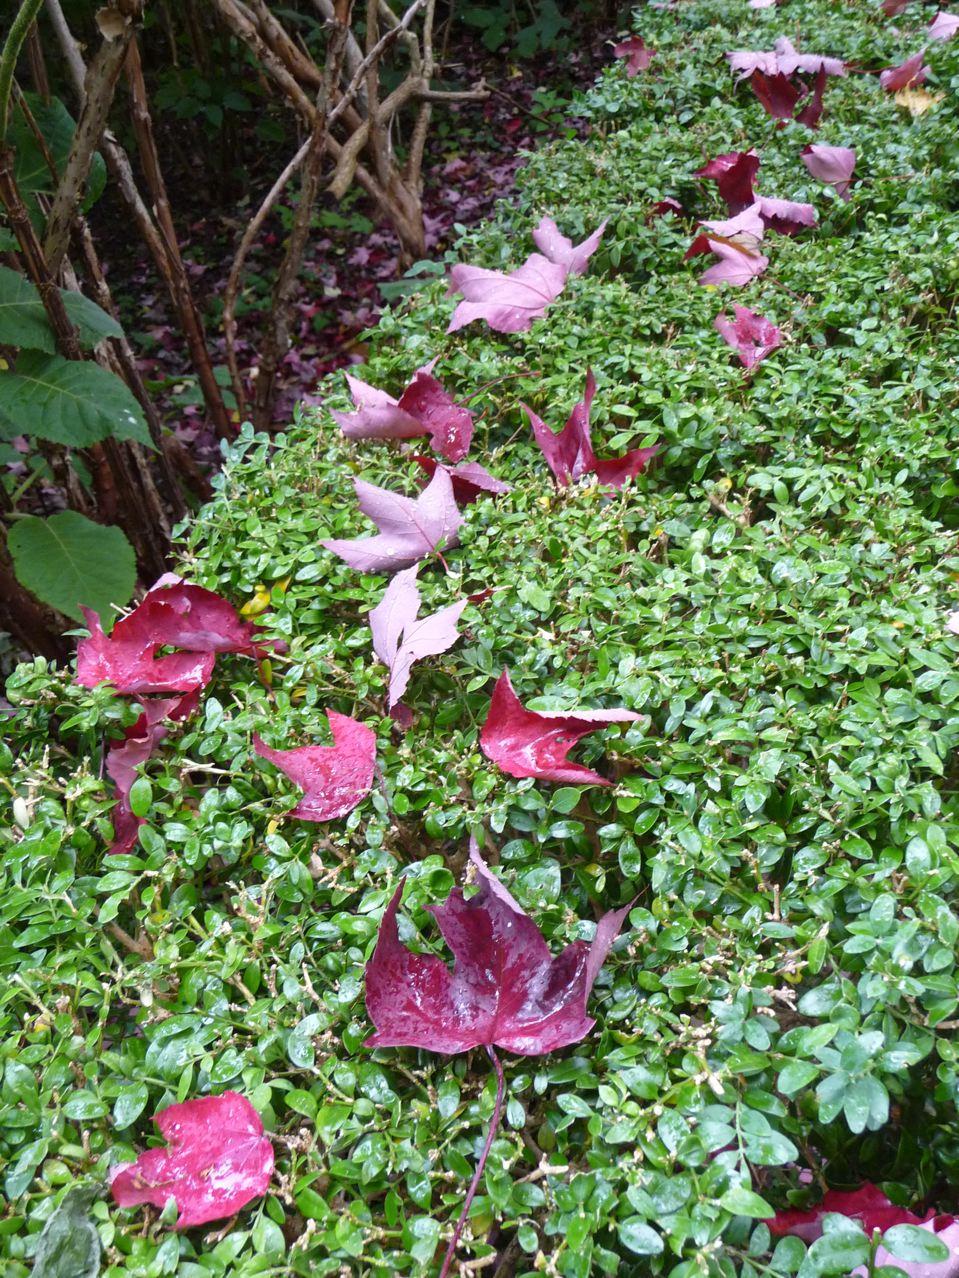 L'automne et ses feuilles mortes dans Paris